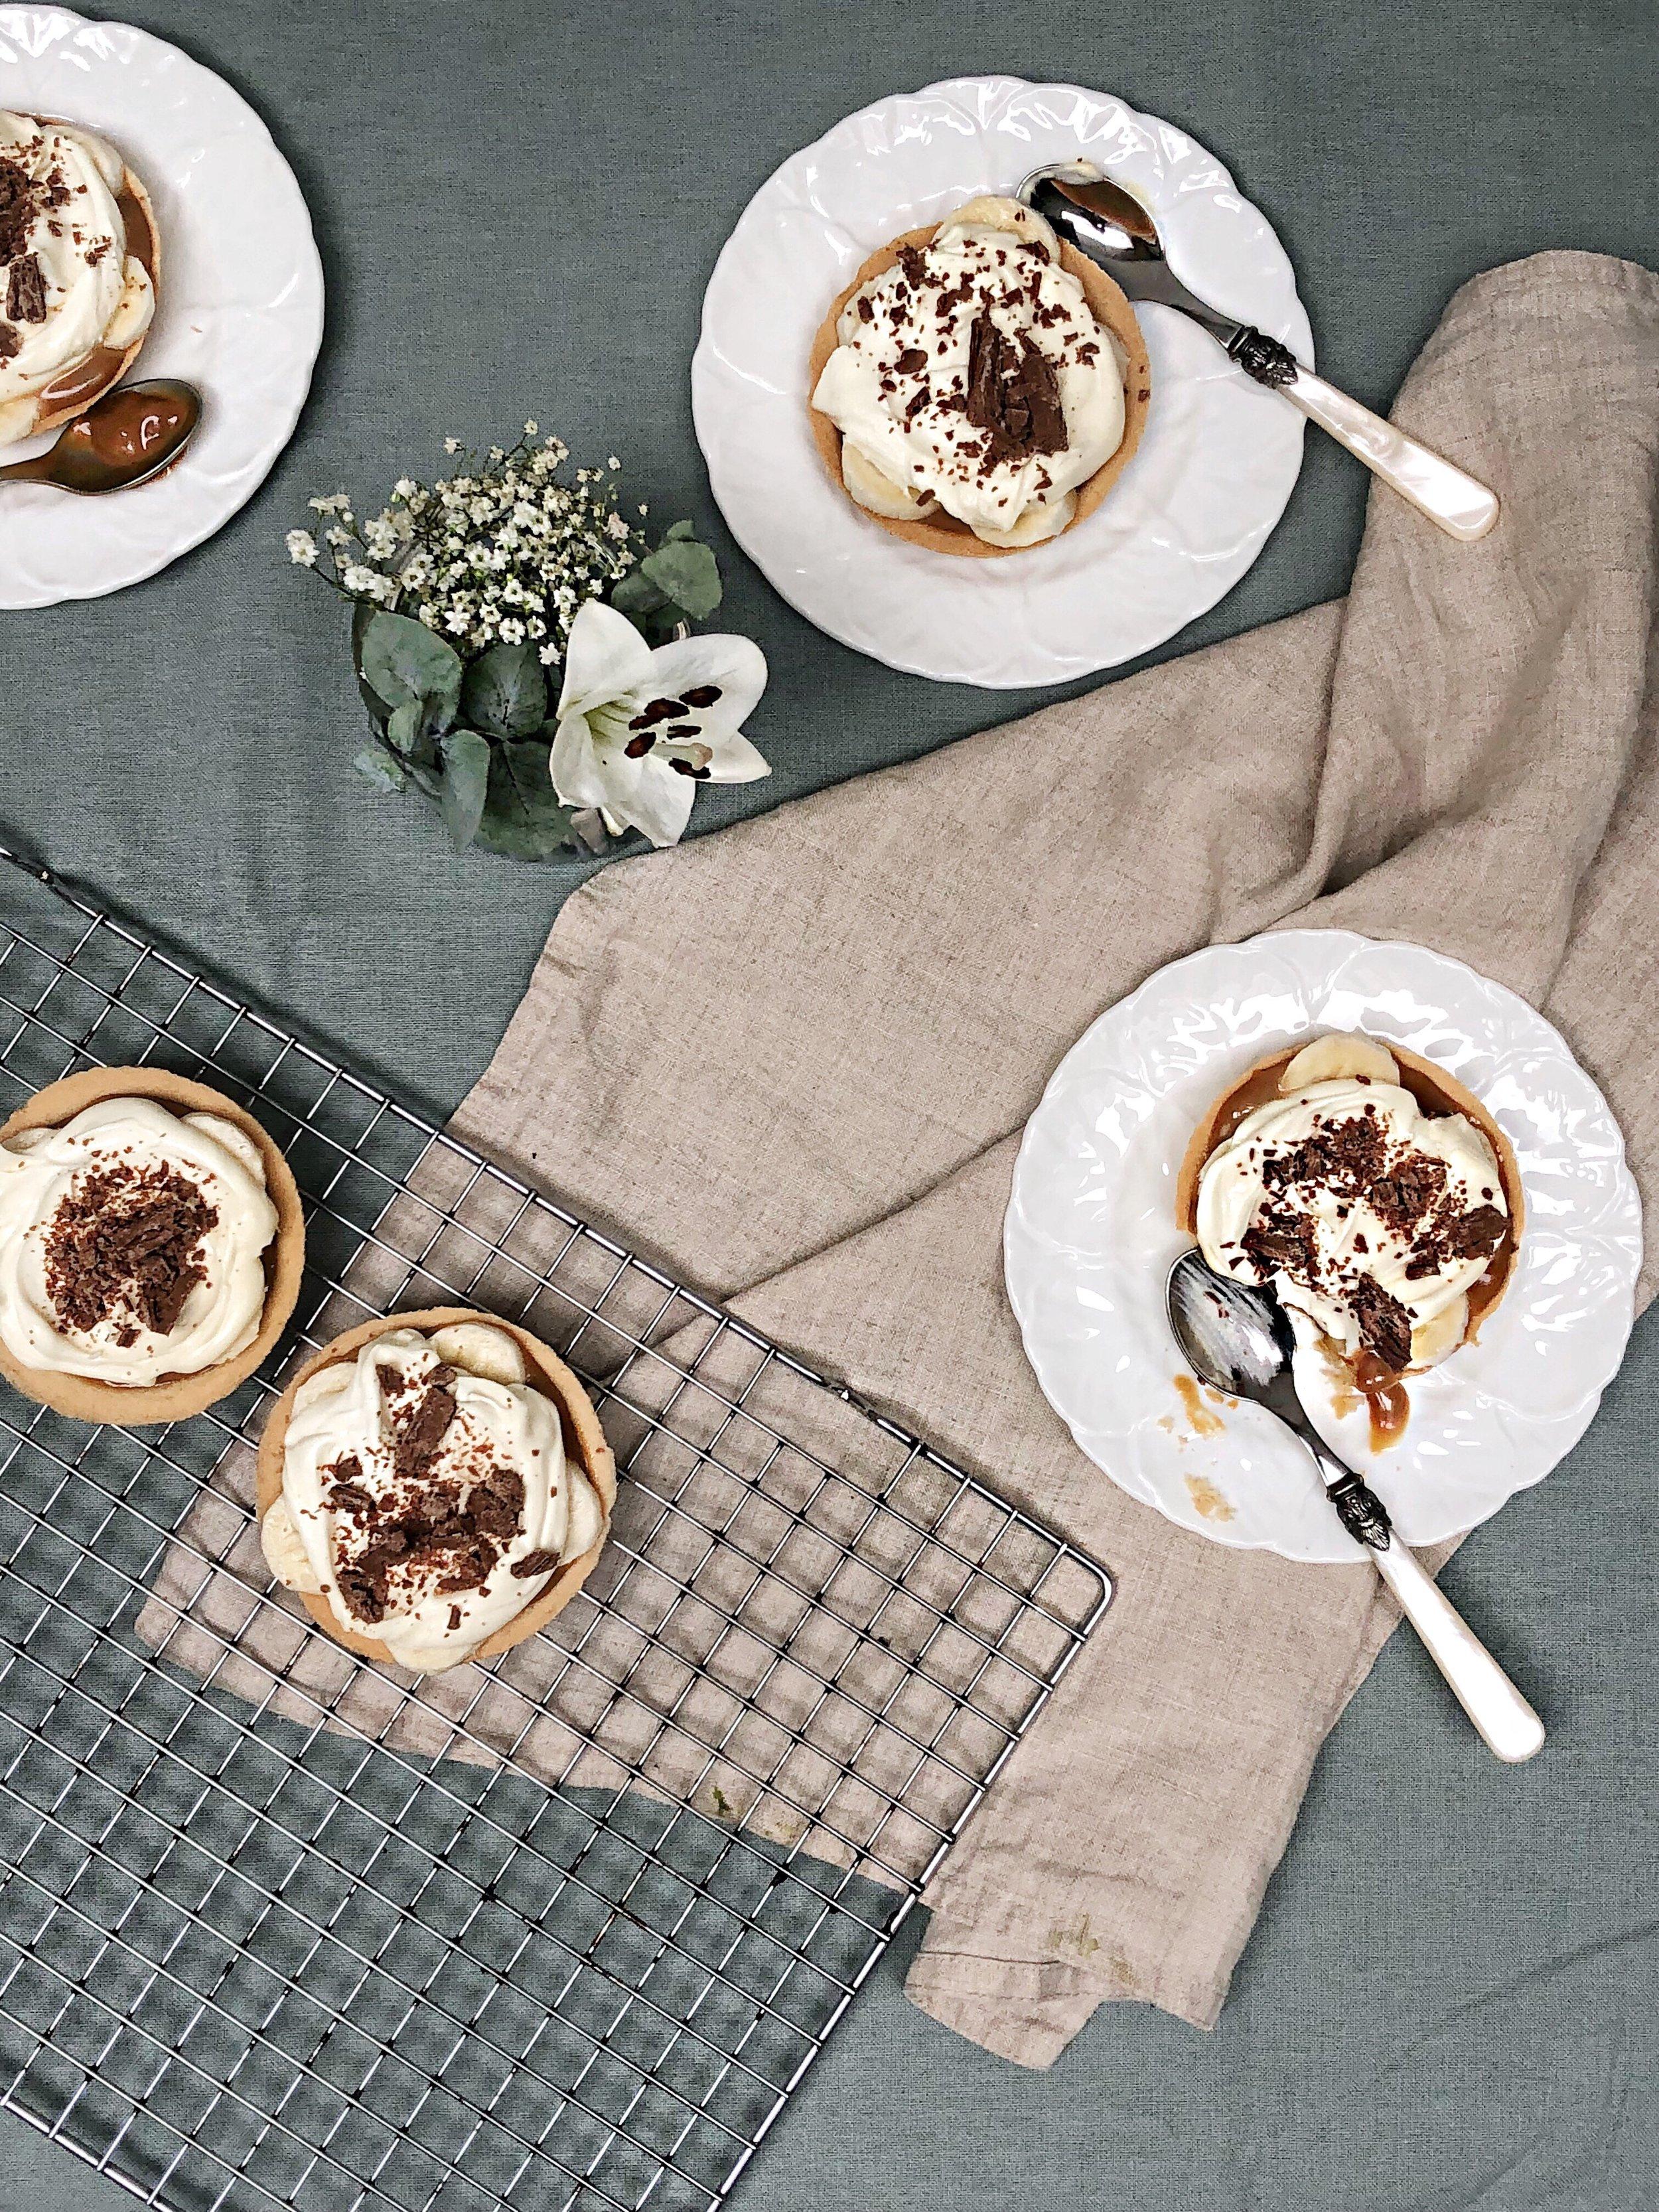 mini banoffee pie - desert island dishes - inspired by Gizzi Erskine - Margie Nomura